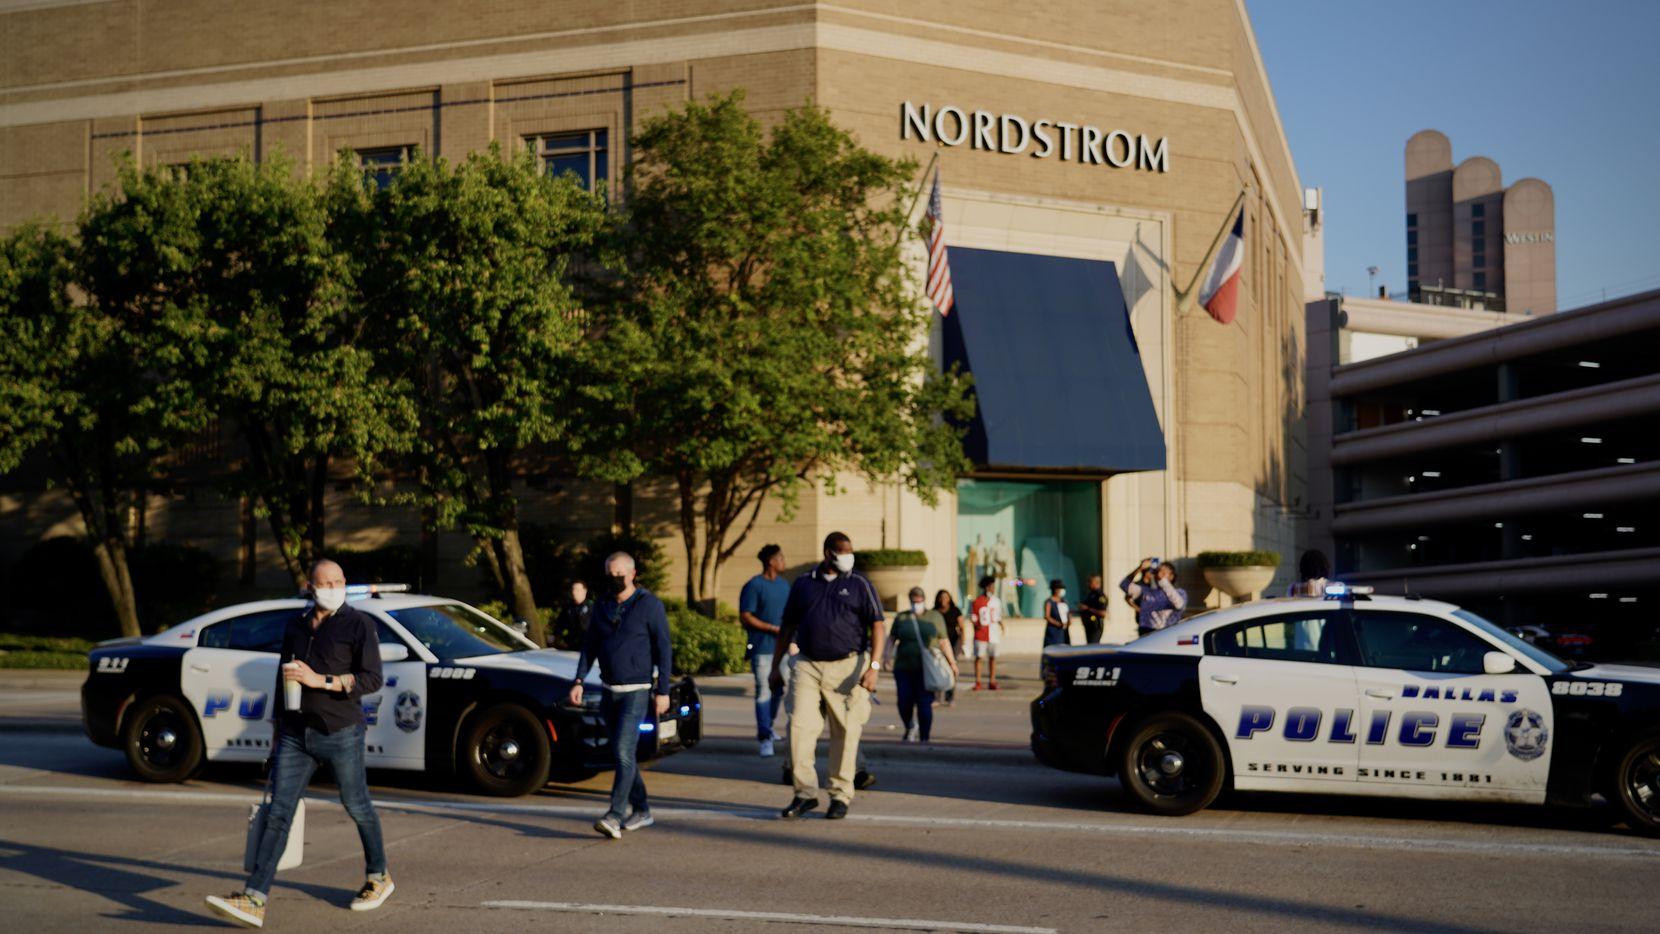 Oficiales guiando a visitantes de Galleria Dallas para alejarse del centro comercial luego del reporte de disparos, la tarde del martes 16 de junio de 2020.